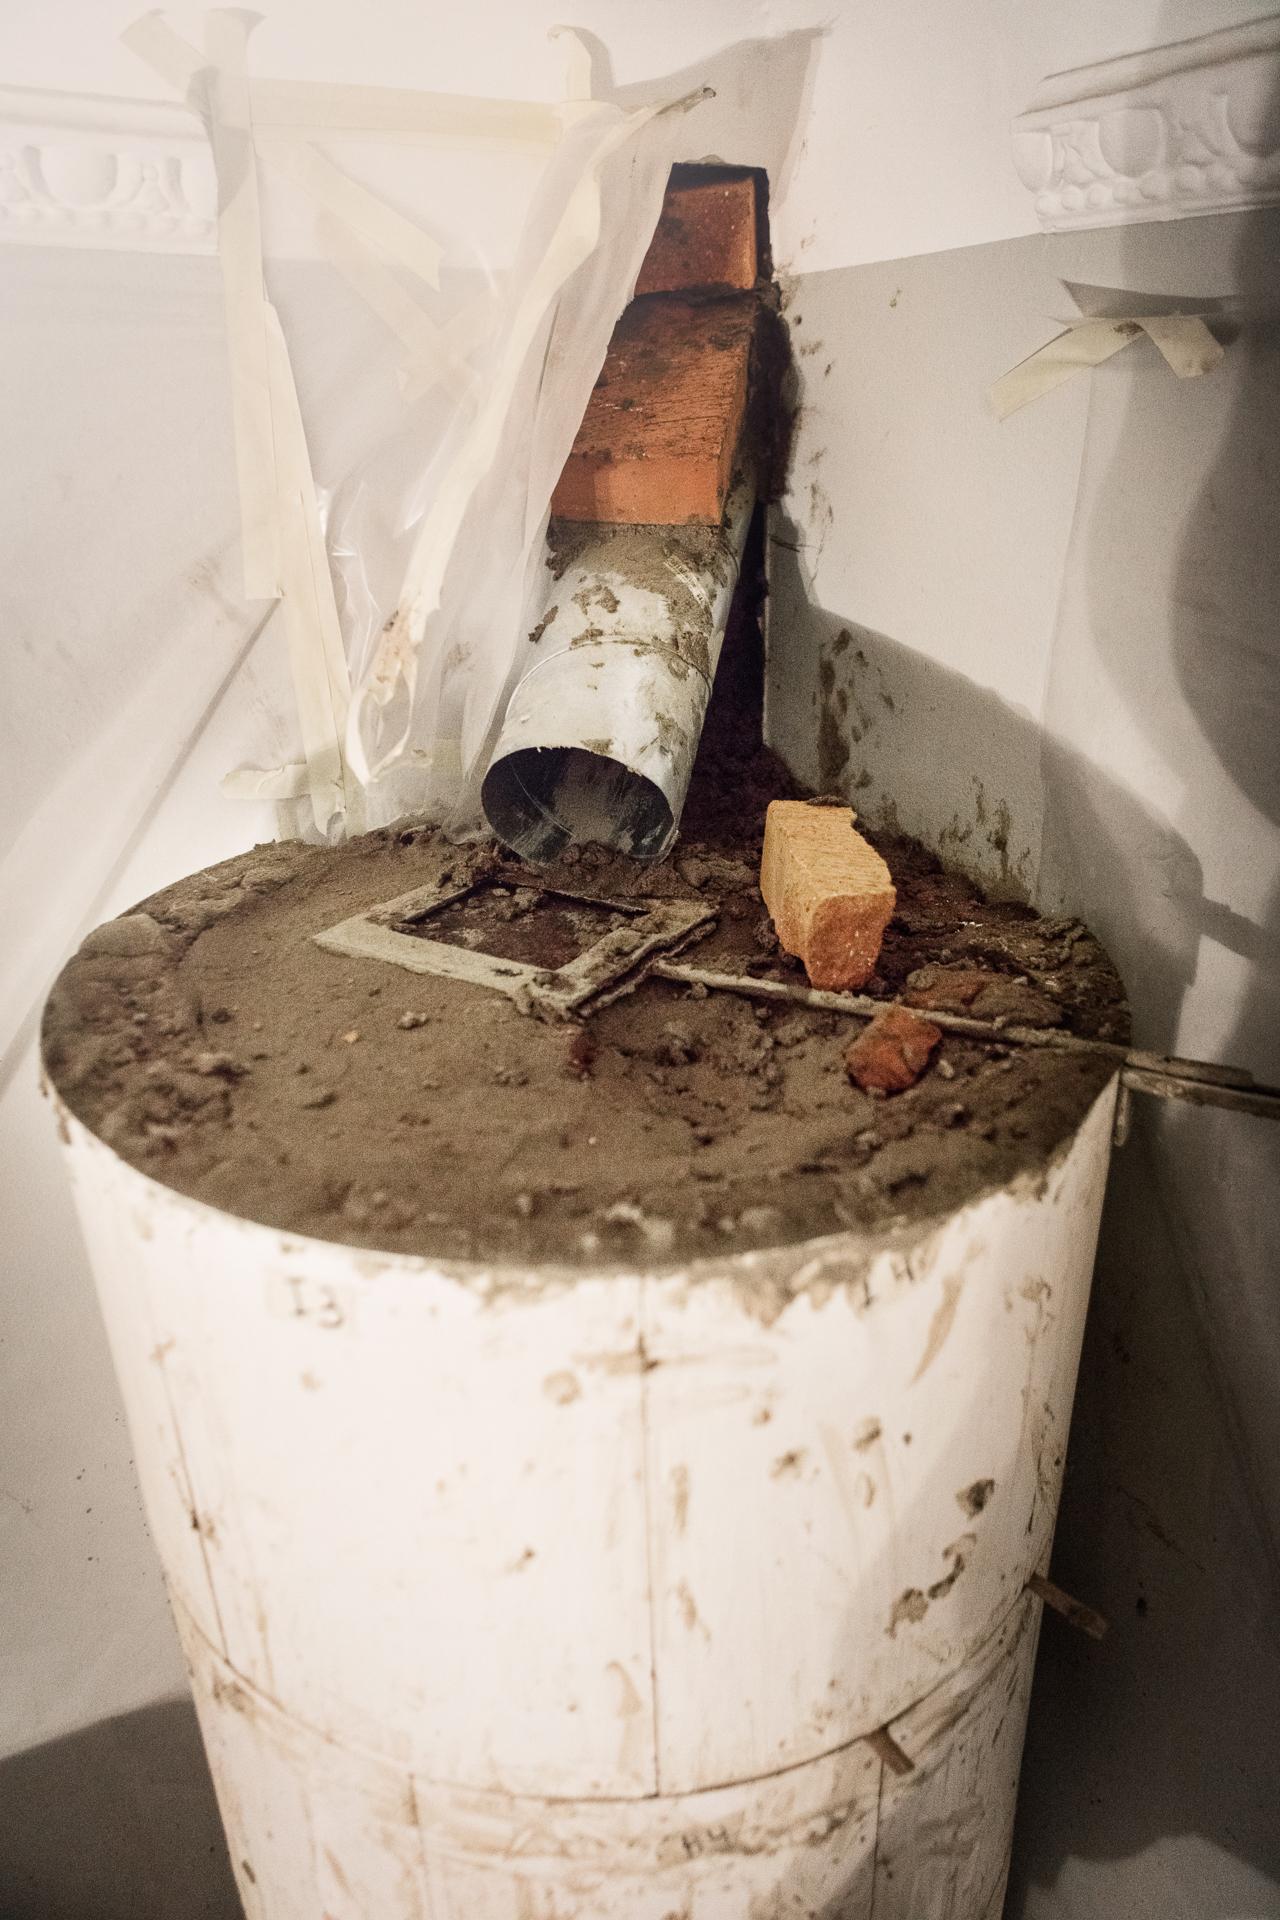 Anslutningshålet in i skorstenen är taget och spjället lagt.